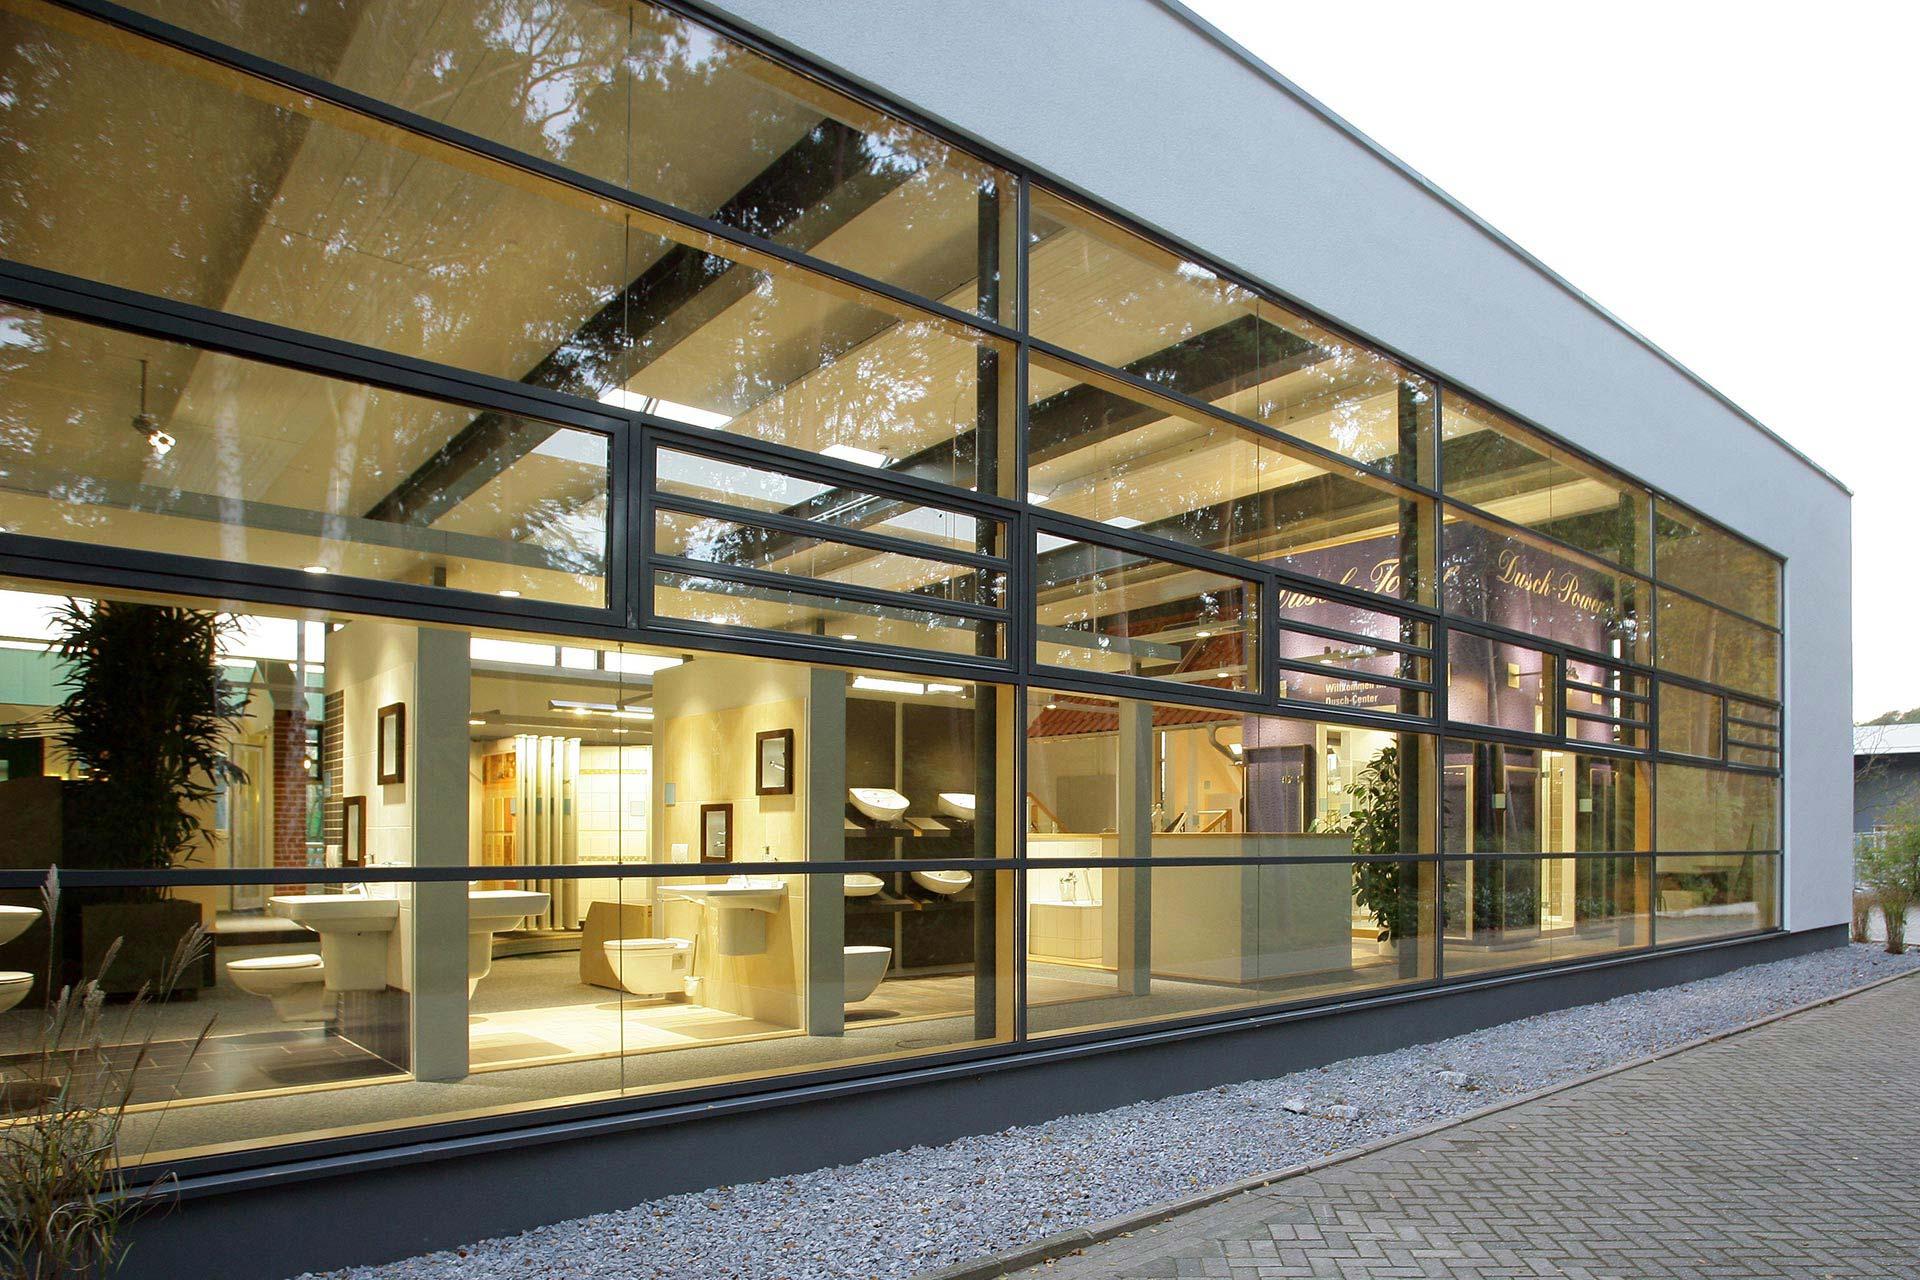 gussek haus fertighaus ausstattung gro e auswahl. Black Bedroom Furniture Sets. Home Design Ideas